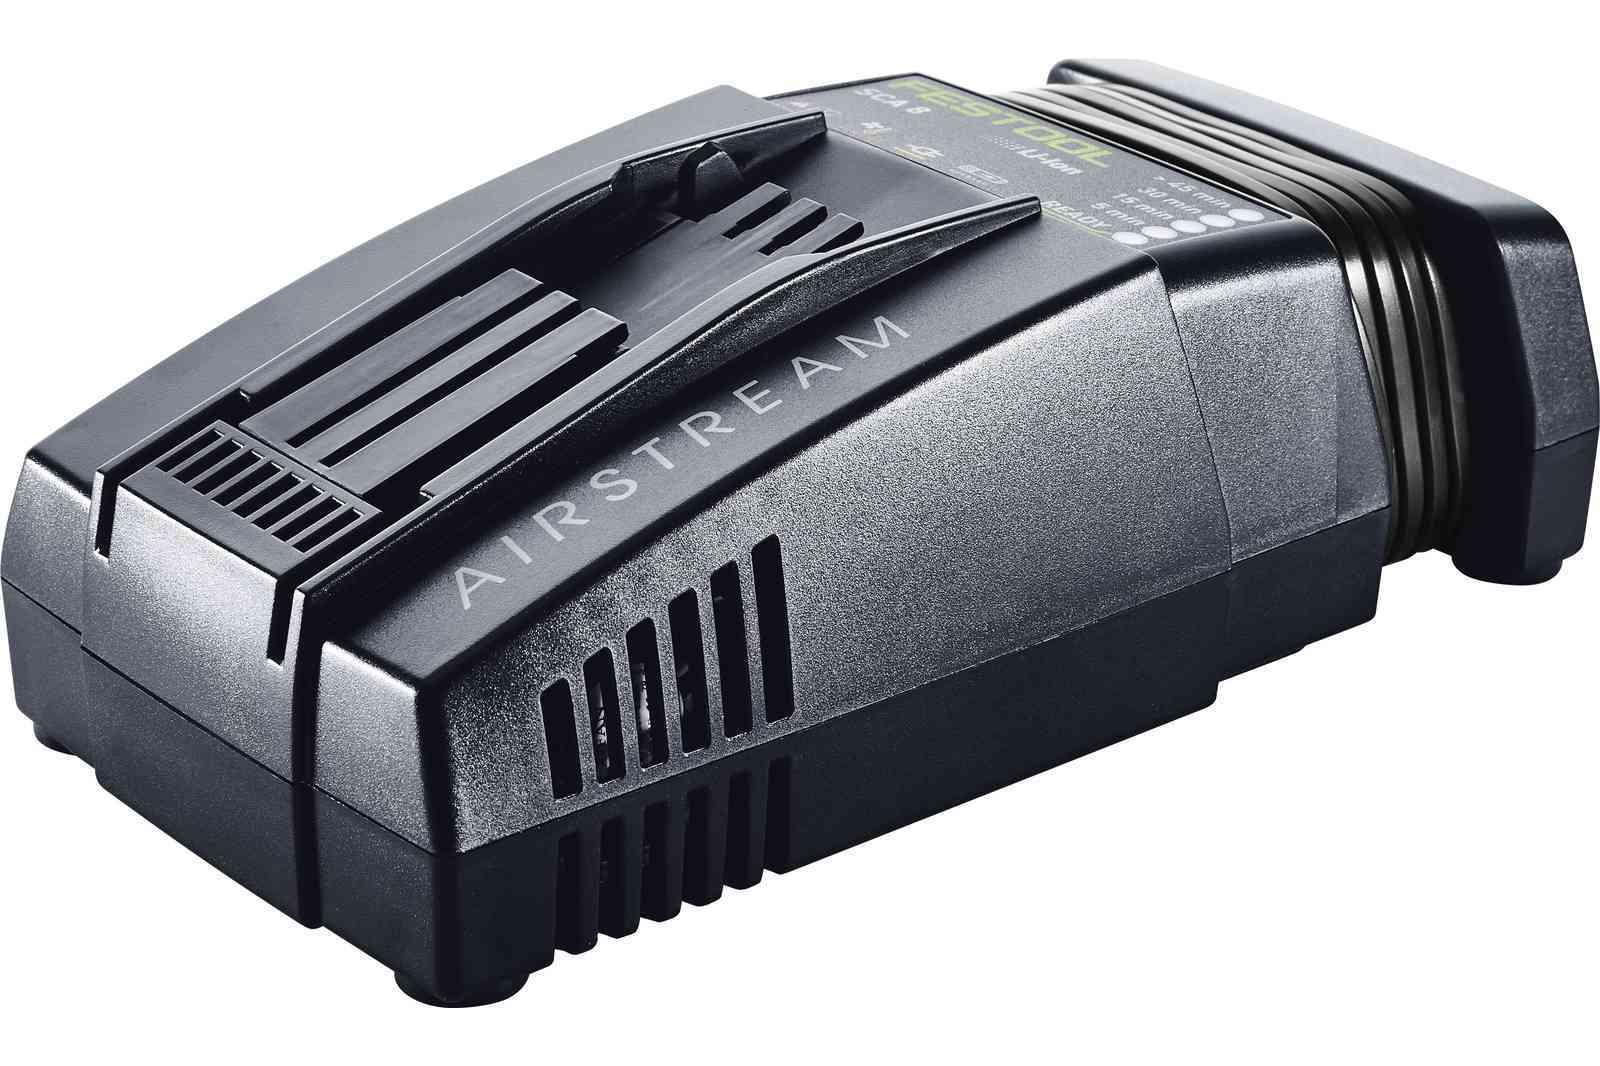 Устройство быстрозарядное SCA 8 Festool 200178